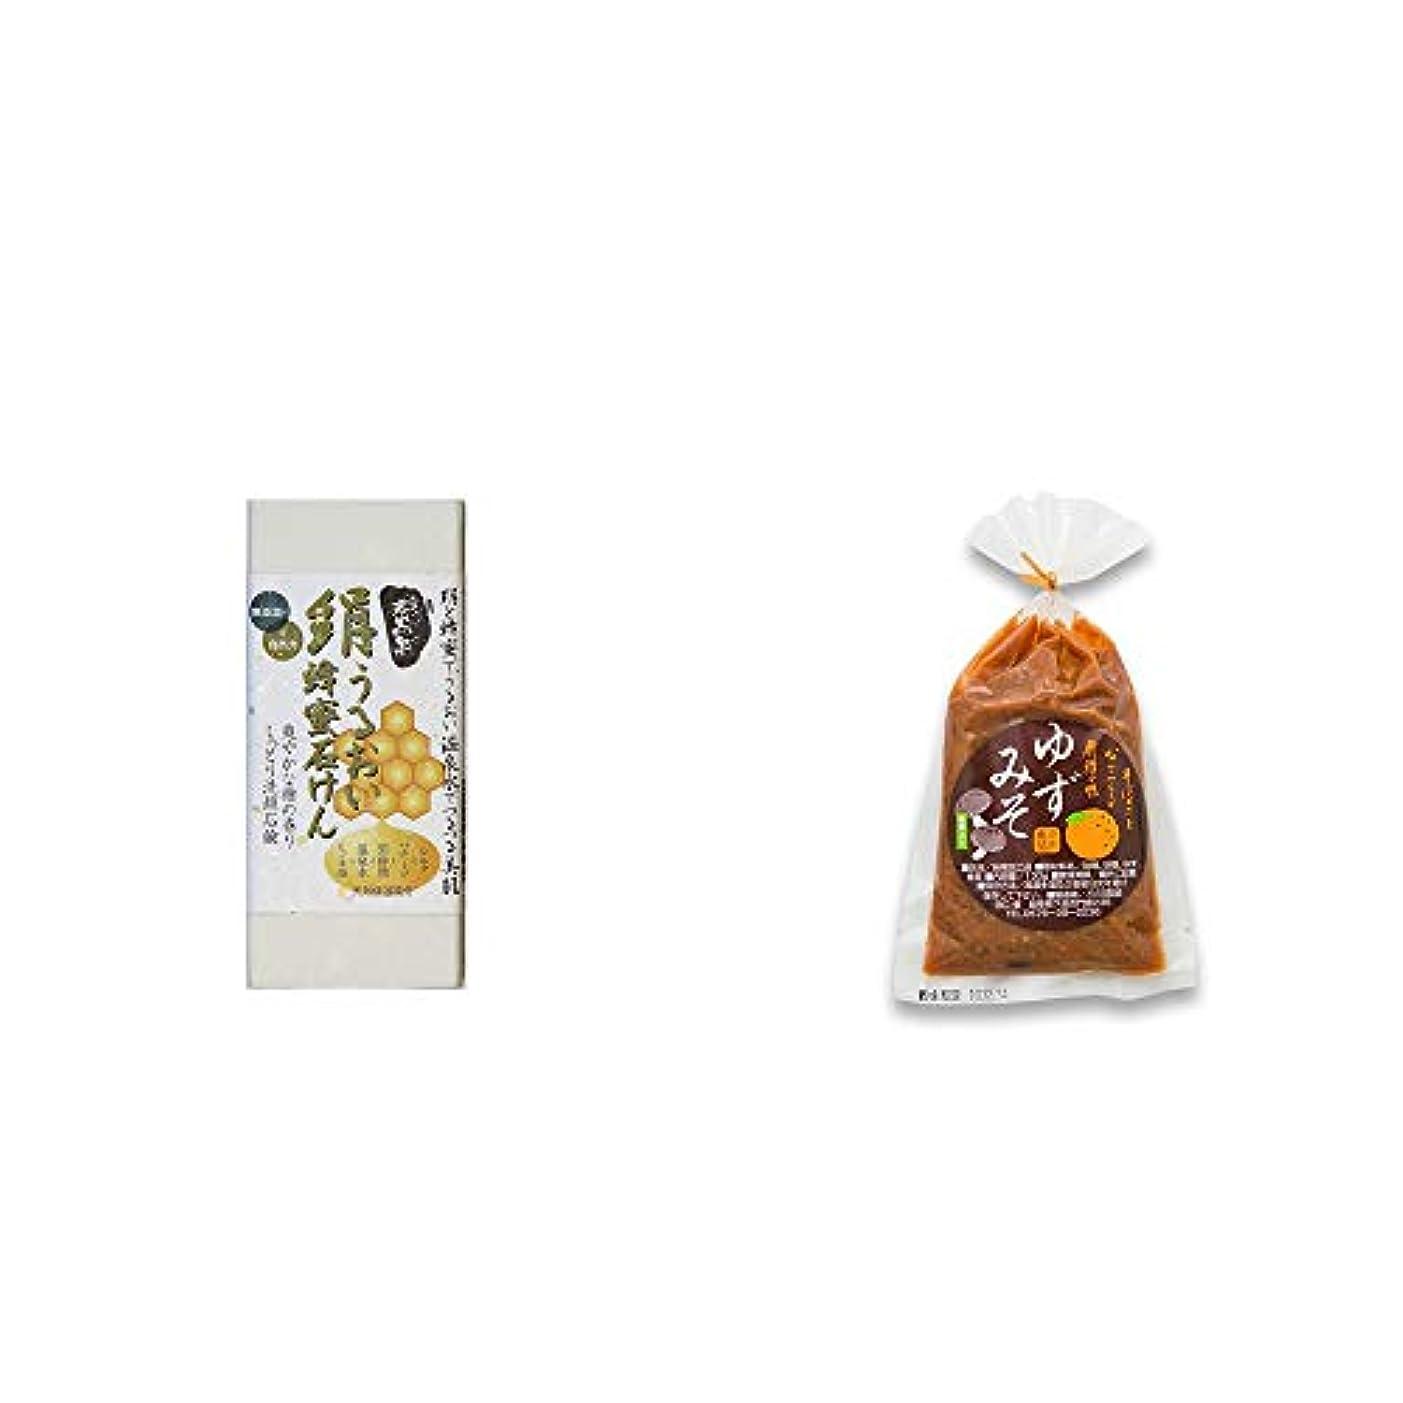 授業料階段平野[2点セット] ひのき炭黒泉 絹うるおい蜂蜜石けん(75g×2)?ゆずみそ(130g)